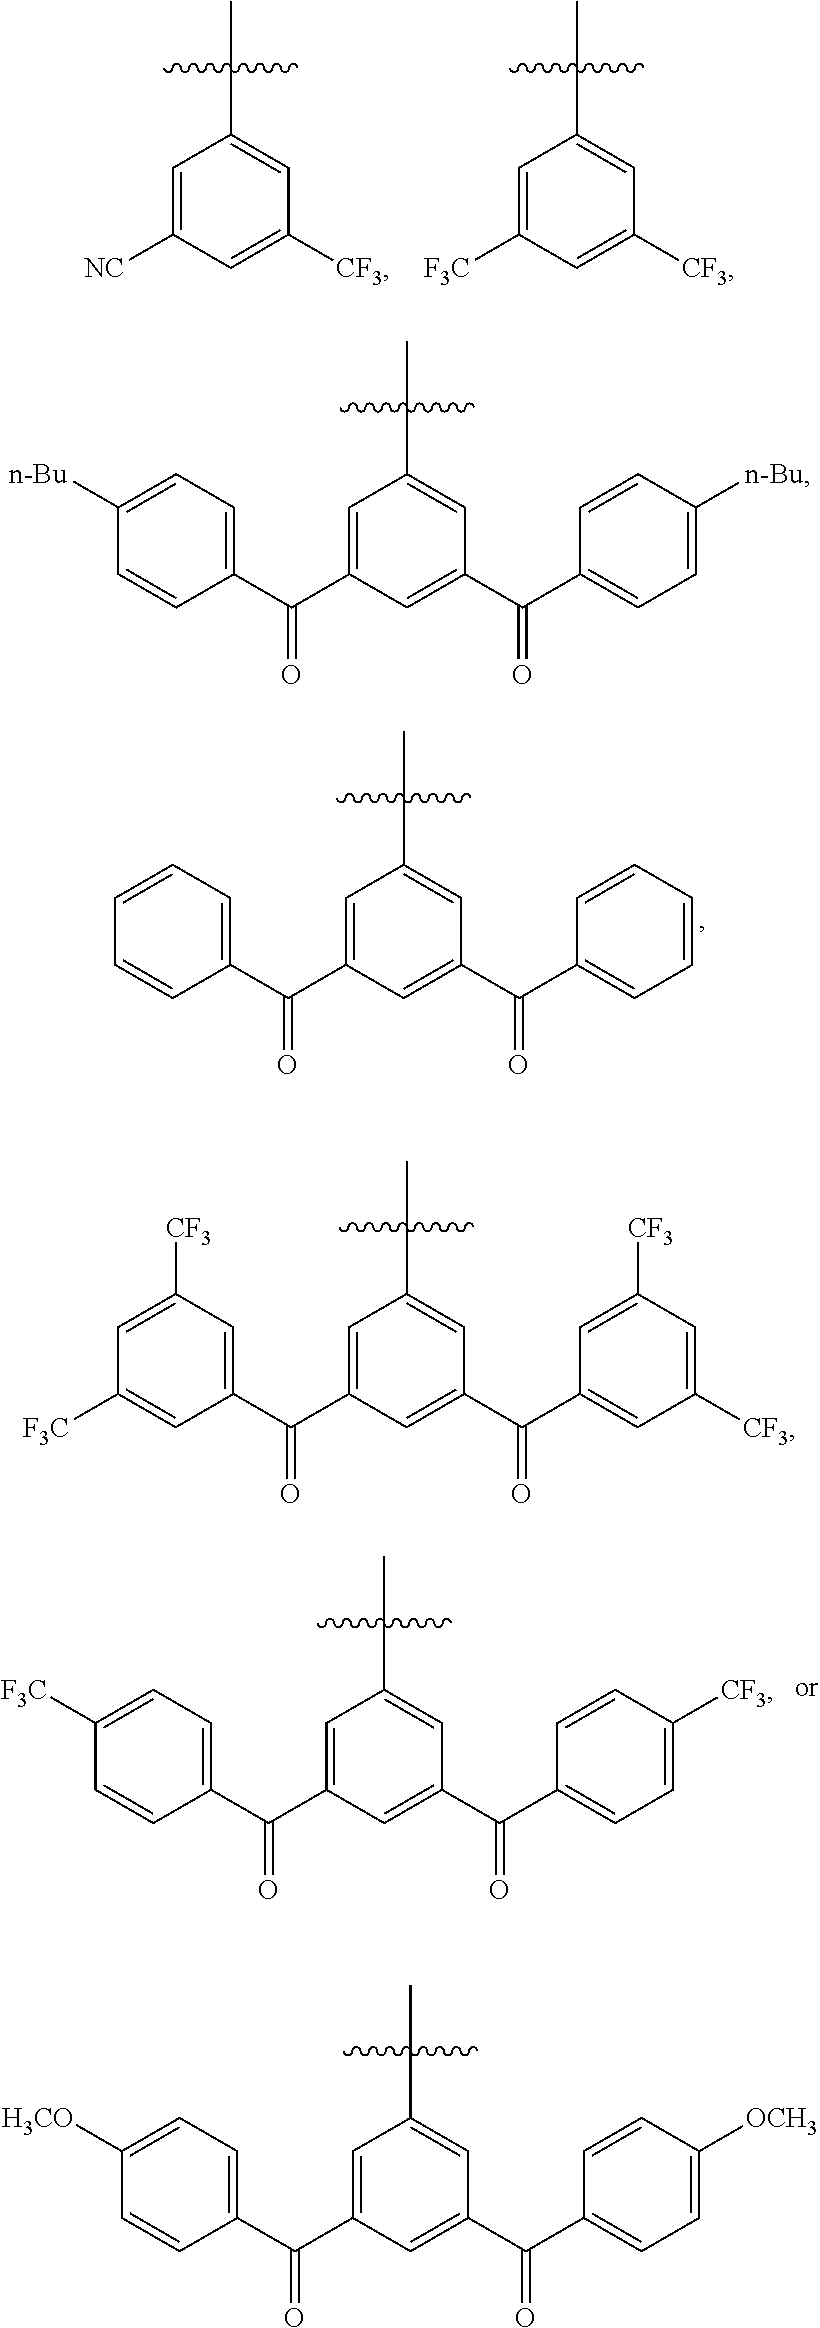 Figure US09595682-20170314-C00006